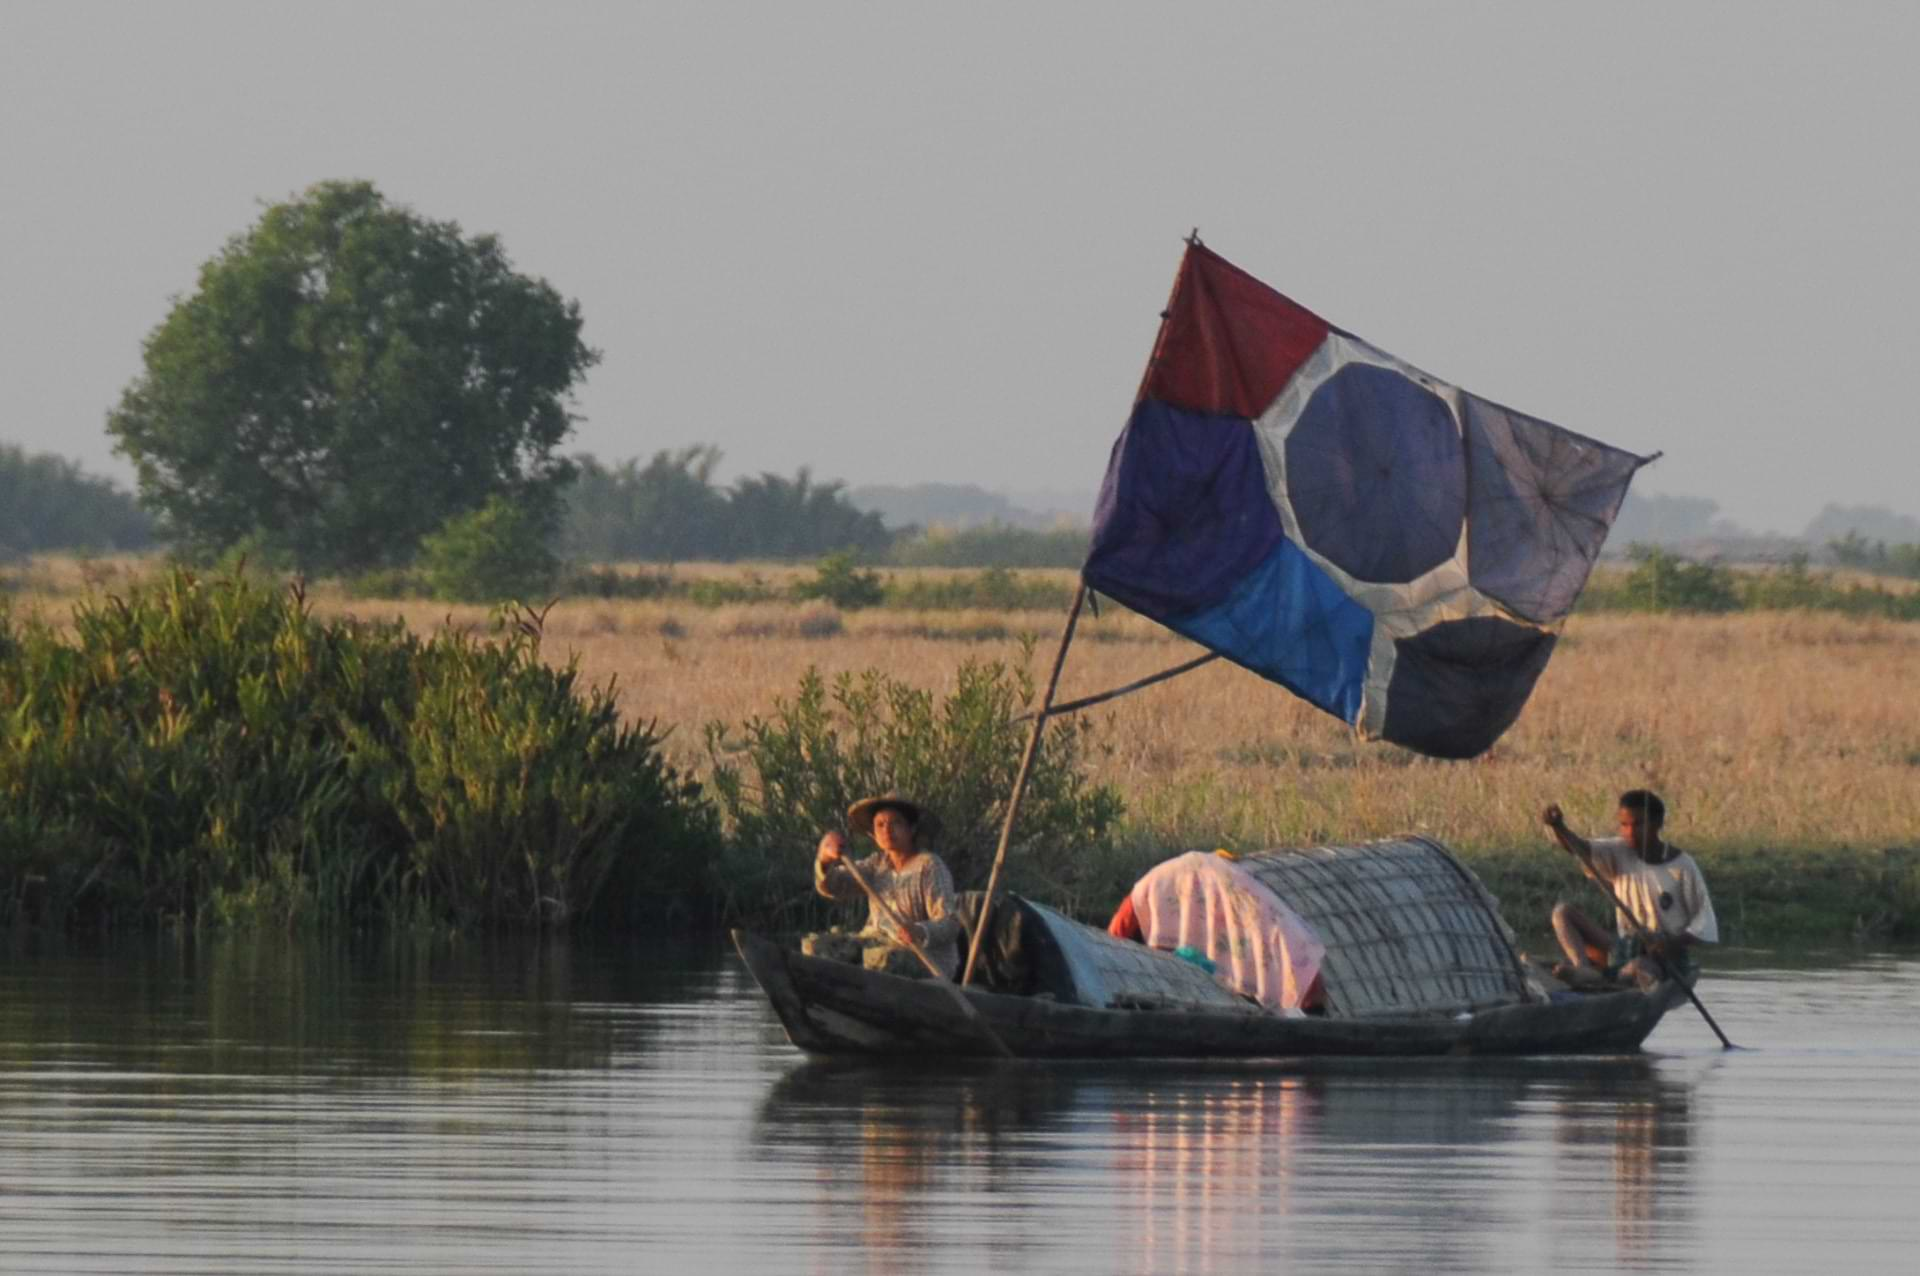 Bootsreise durch Myanmars Nordwesten, von Yangon über Sittwe nach Mrauk U, Burma, Birma, Kaladan-Fluss, Reiseberichte, www.wo-der-pfeffer-waechst.de